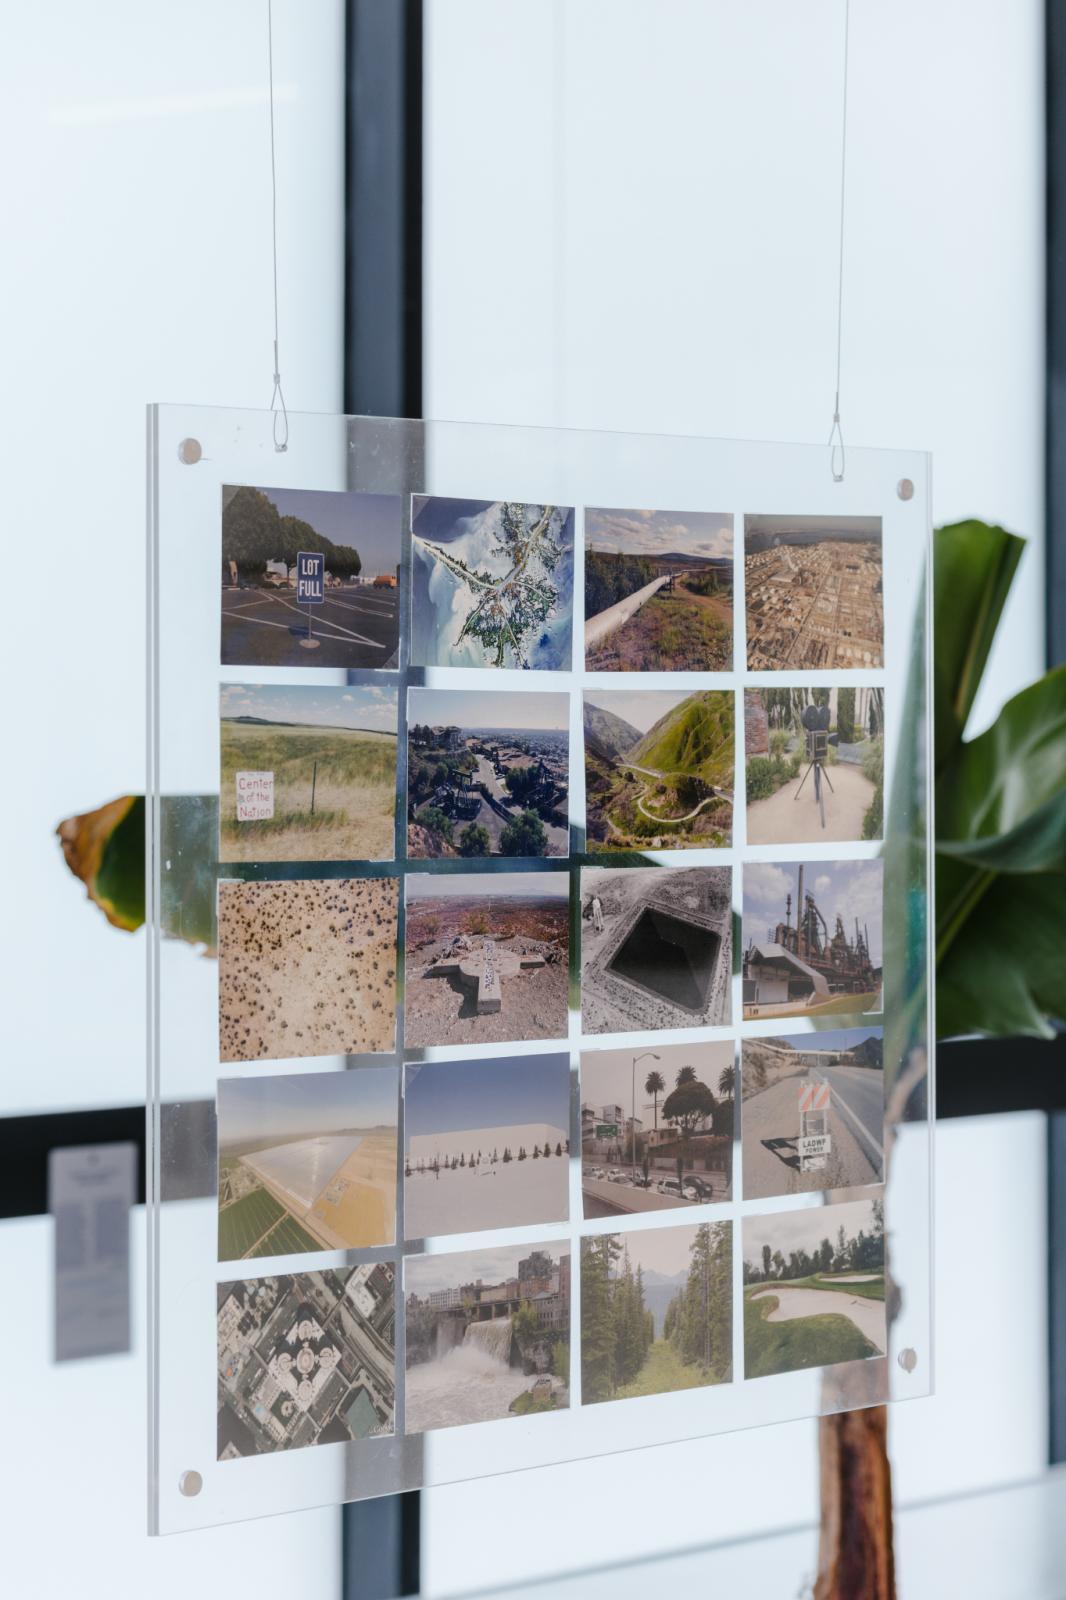 Photo Documentation